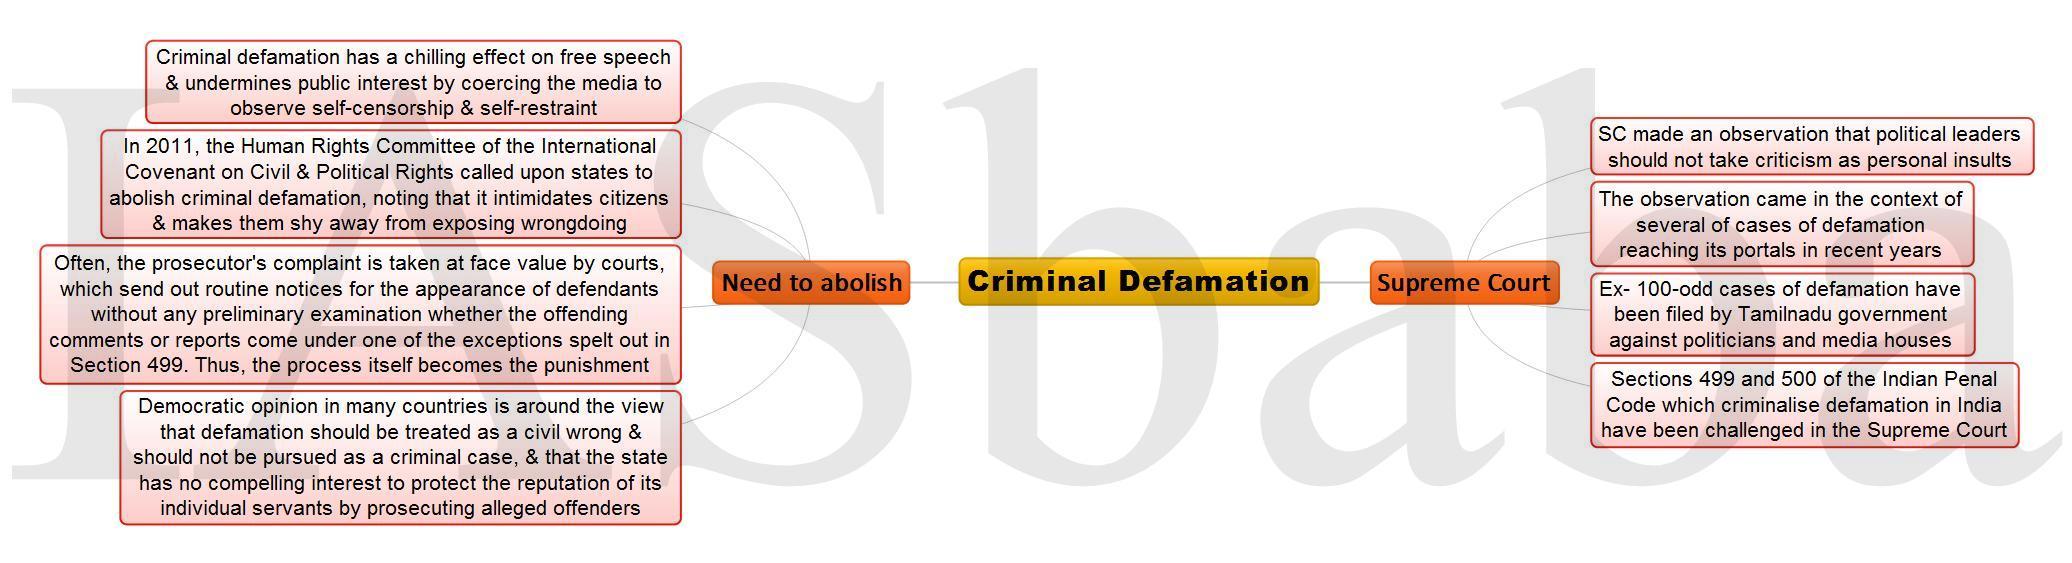 Criminal Defamation 1